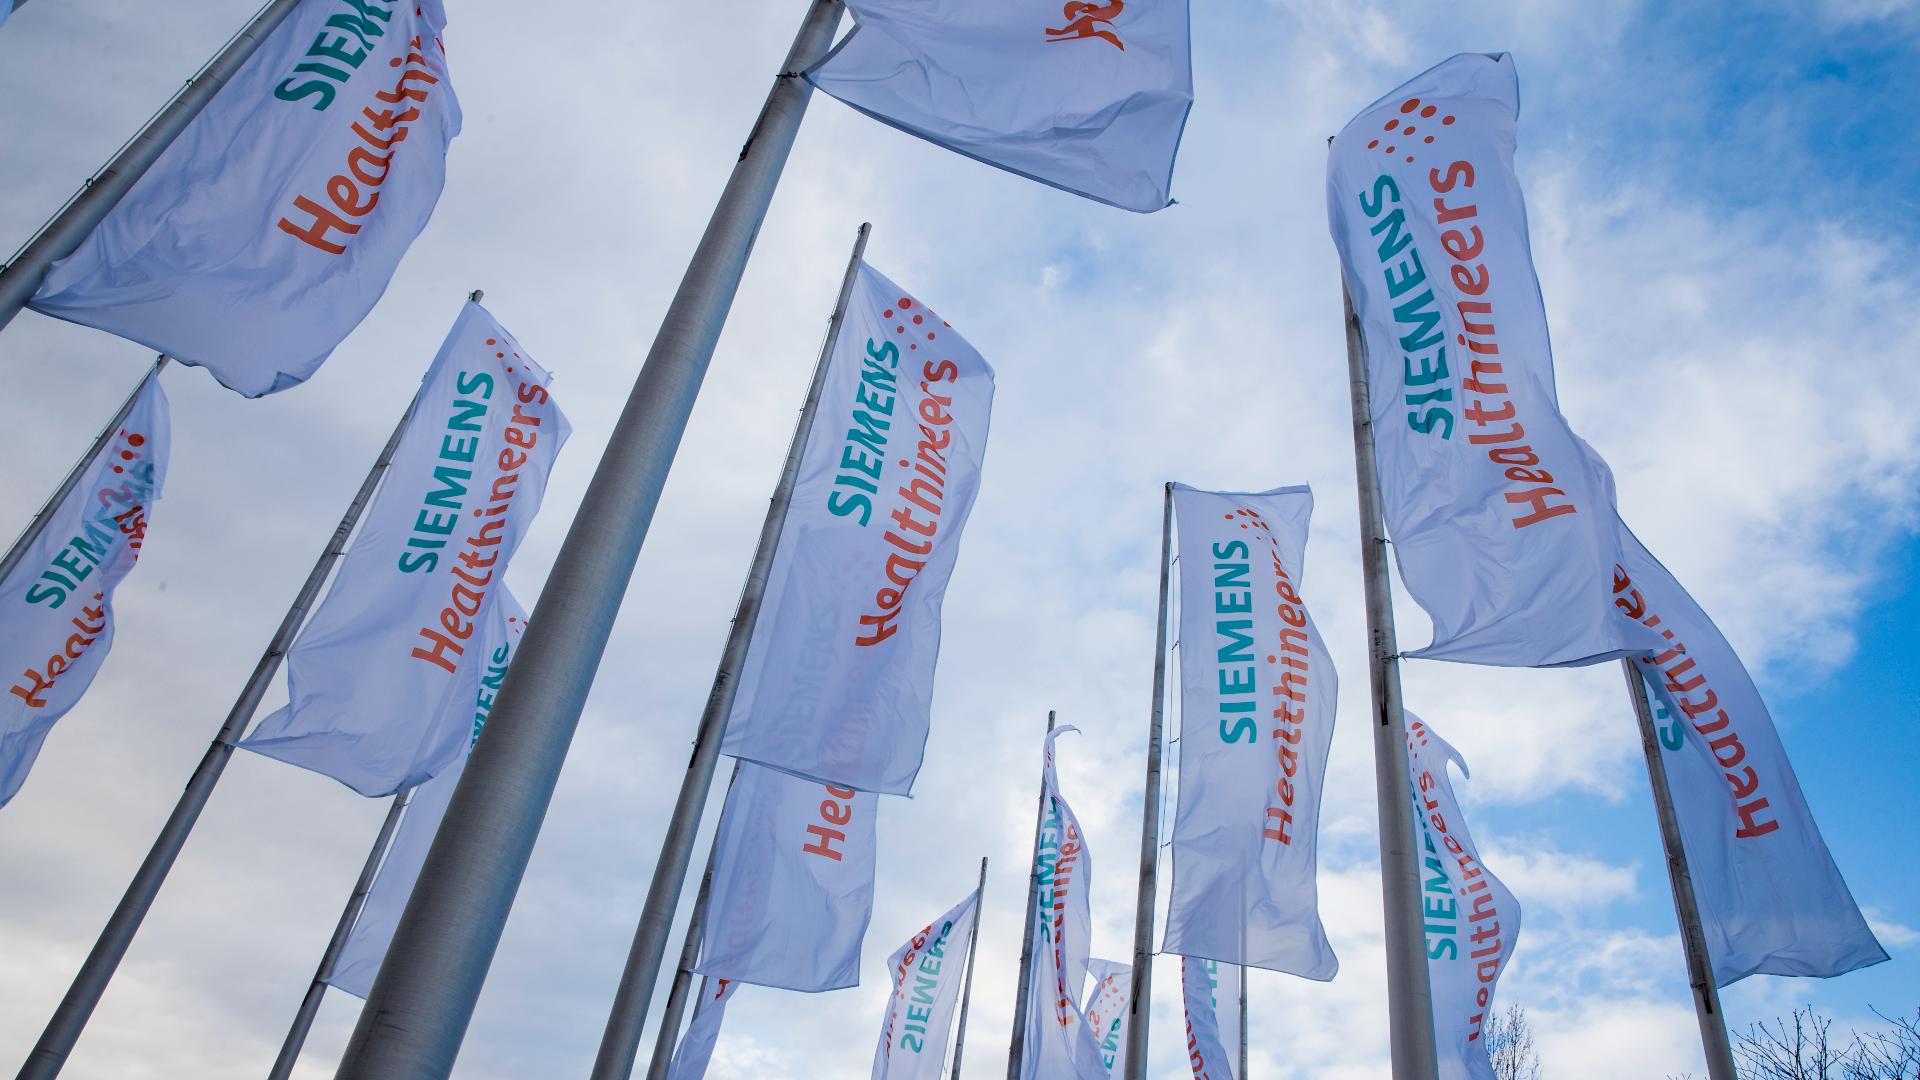 На Ежегодном собрании акционеров компании Siemens Healthineers AG, состоявшемся в этом году, одной из основных обсуждаемых тем стало развитие компании в среднесрочной перспективе.